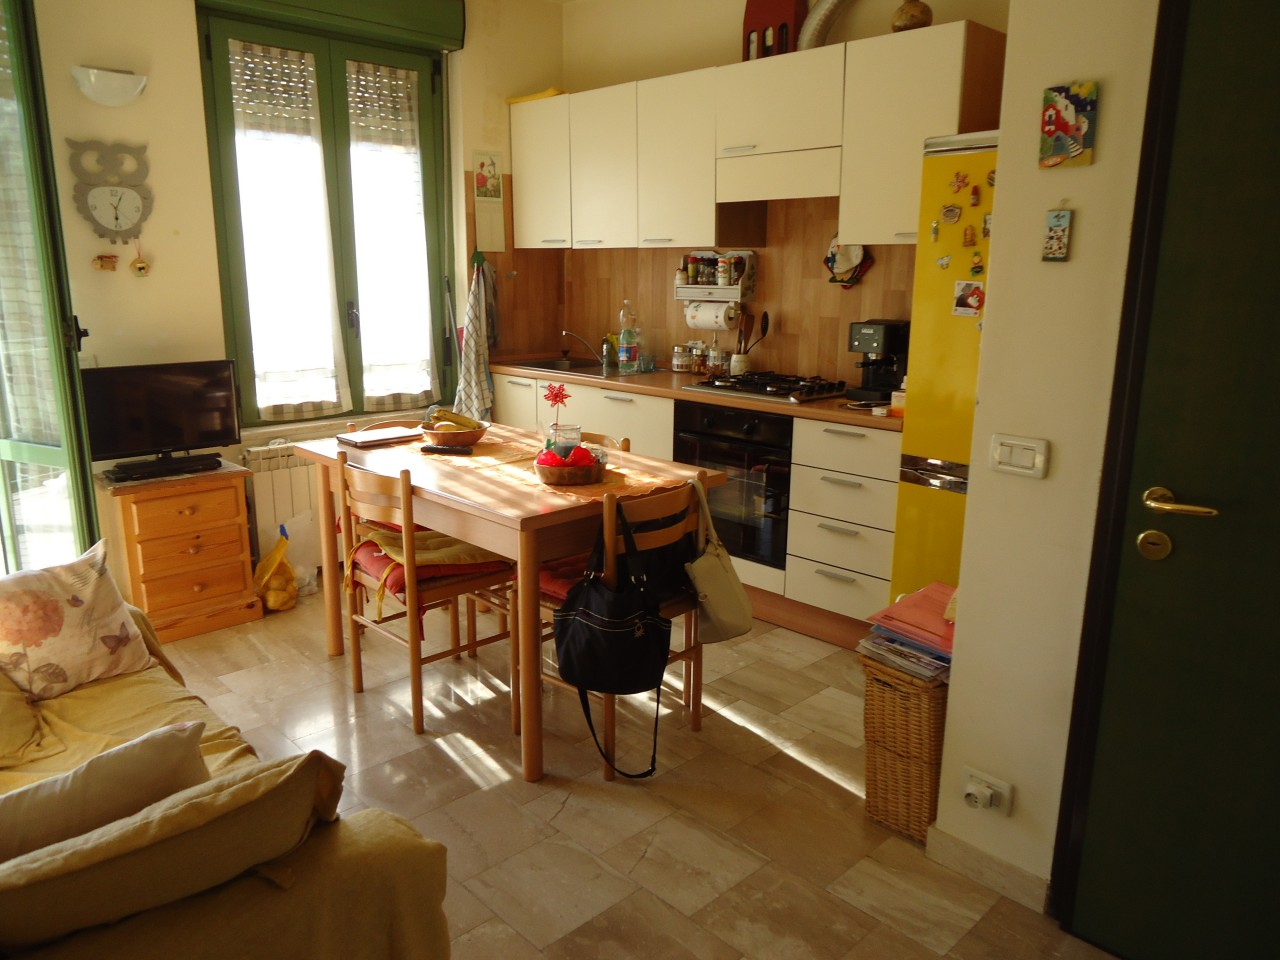 Appartamento in affitto a Colle di Val d'Elsa, 2 locali, prezzo € 470 | CambioCasa.it